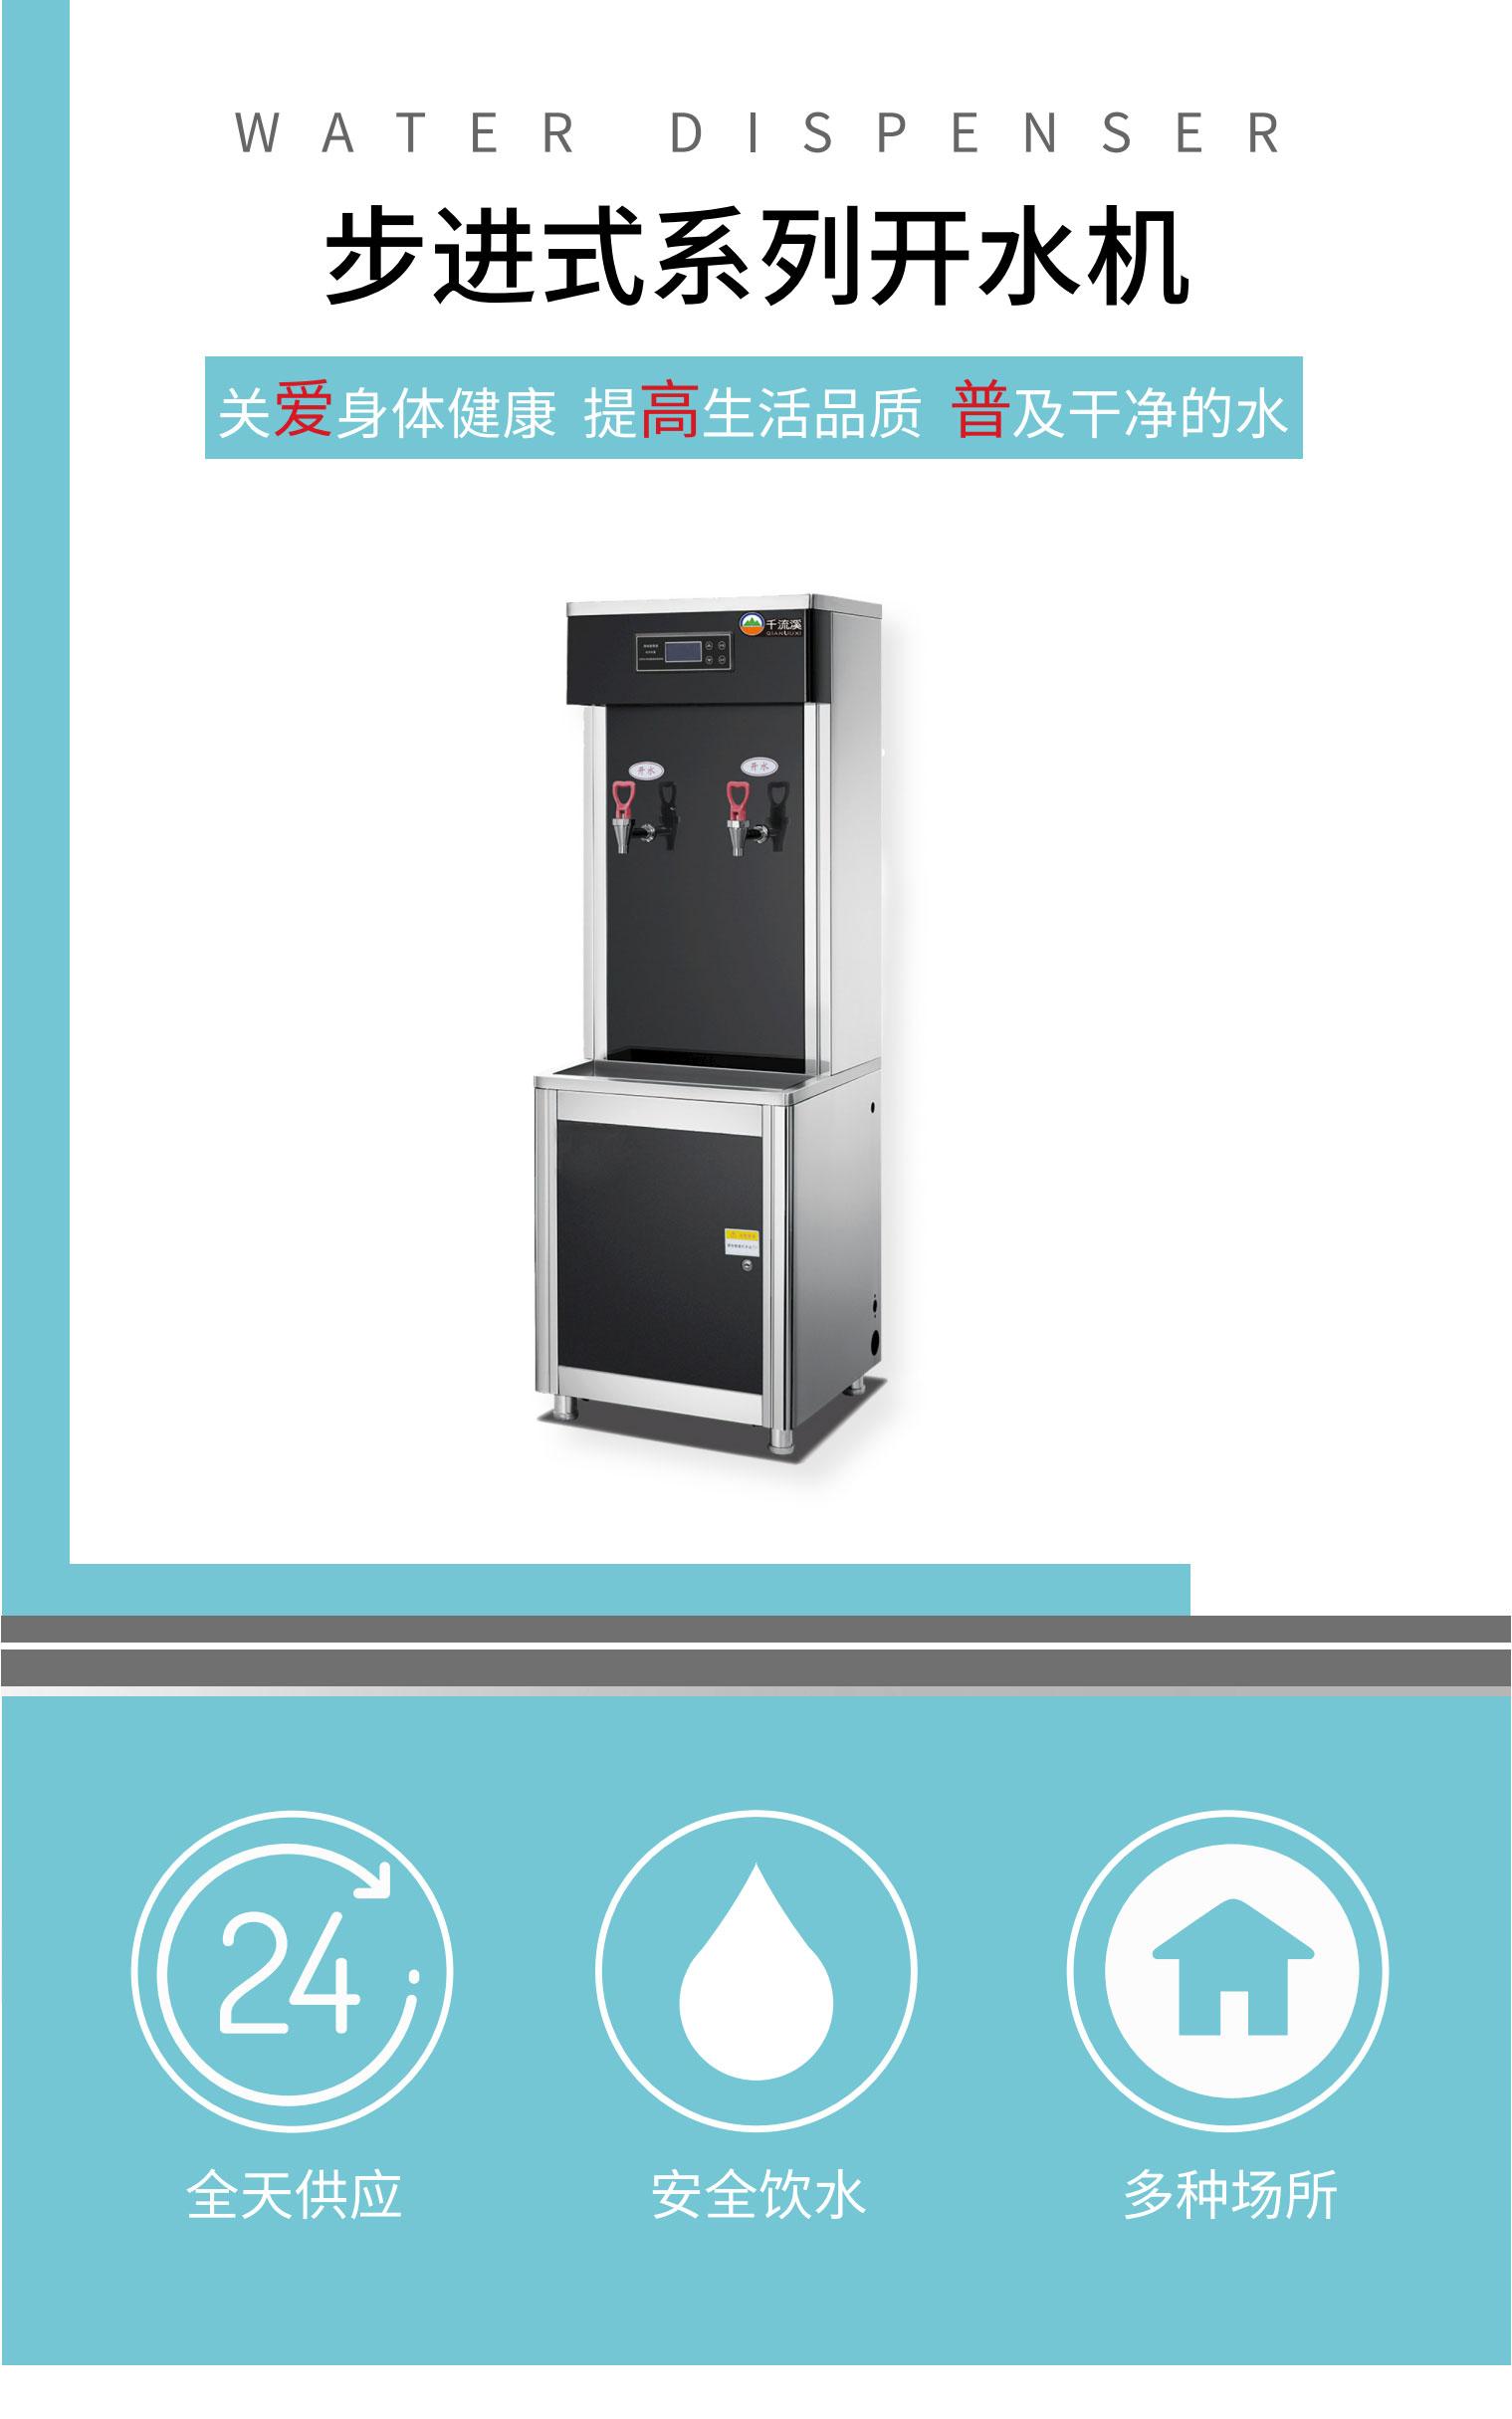 步進式系列開水機JN-BC30凈水器直飲水機